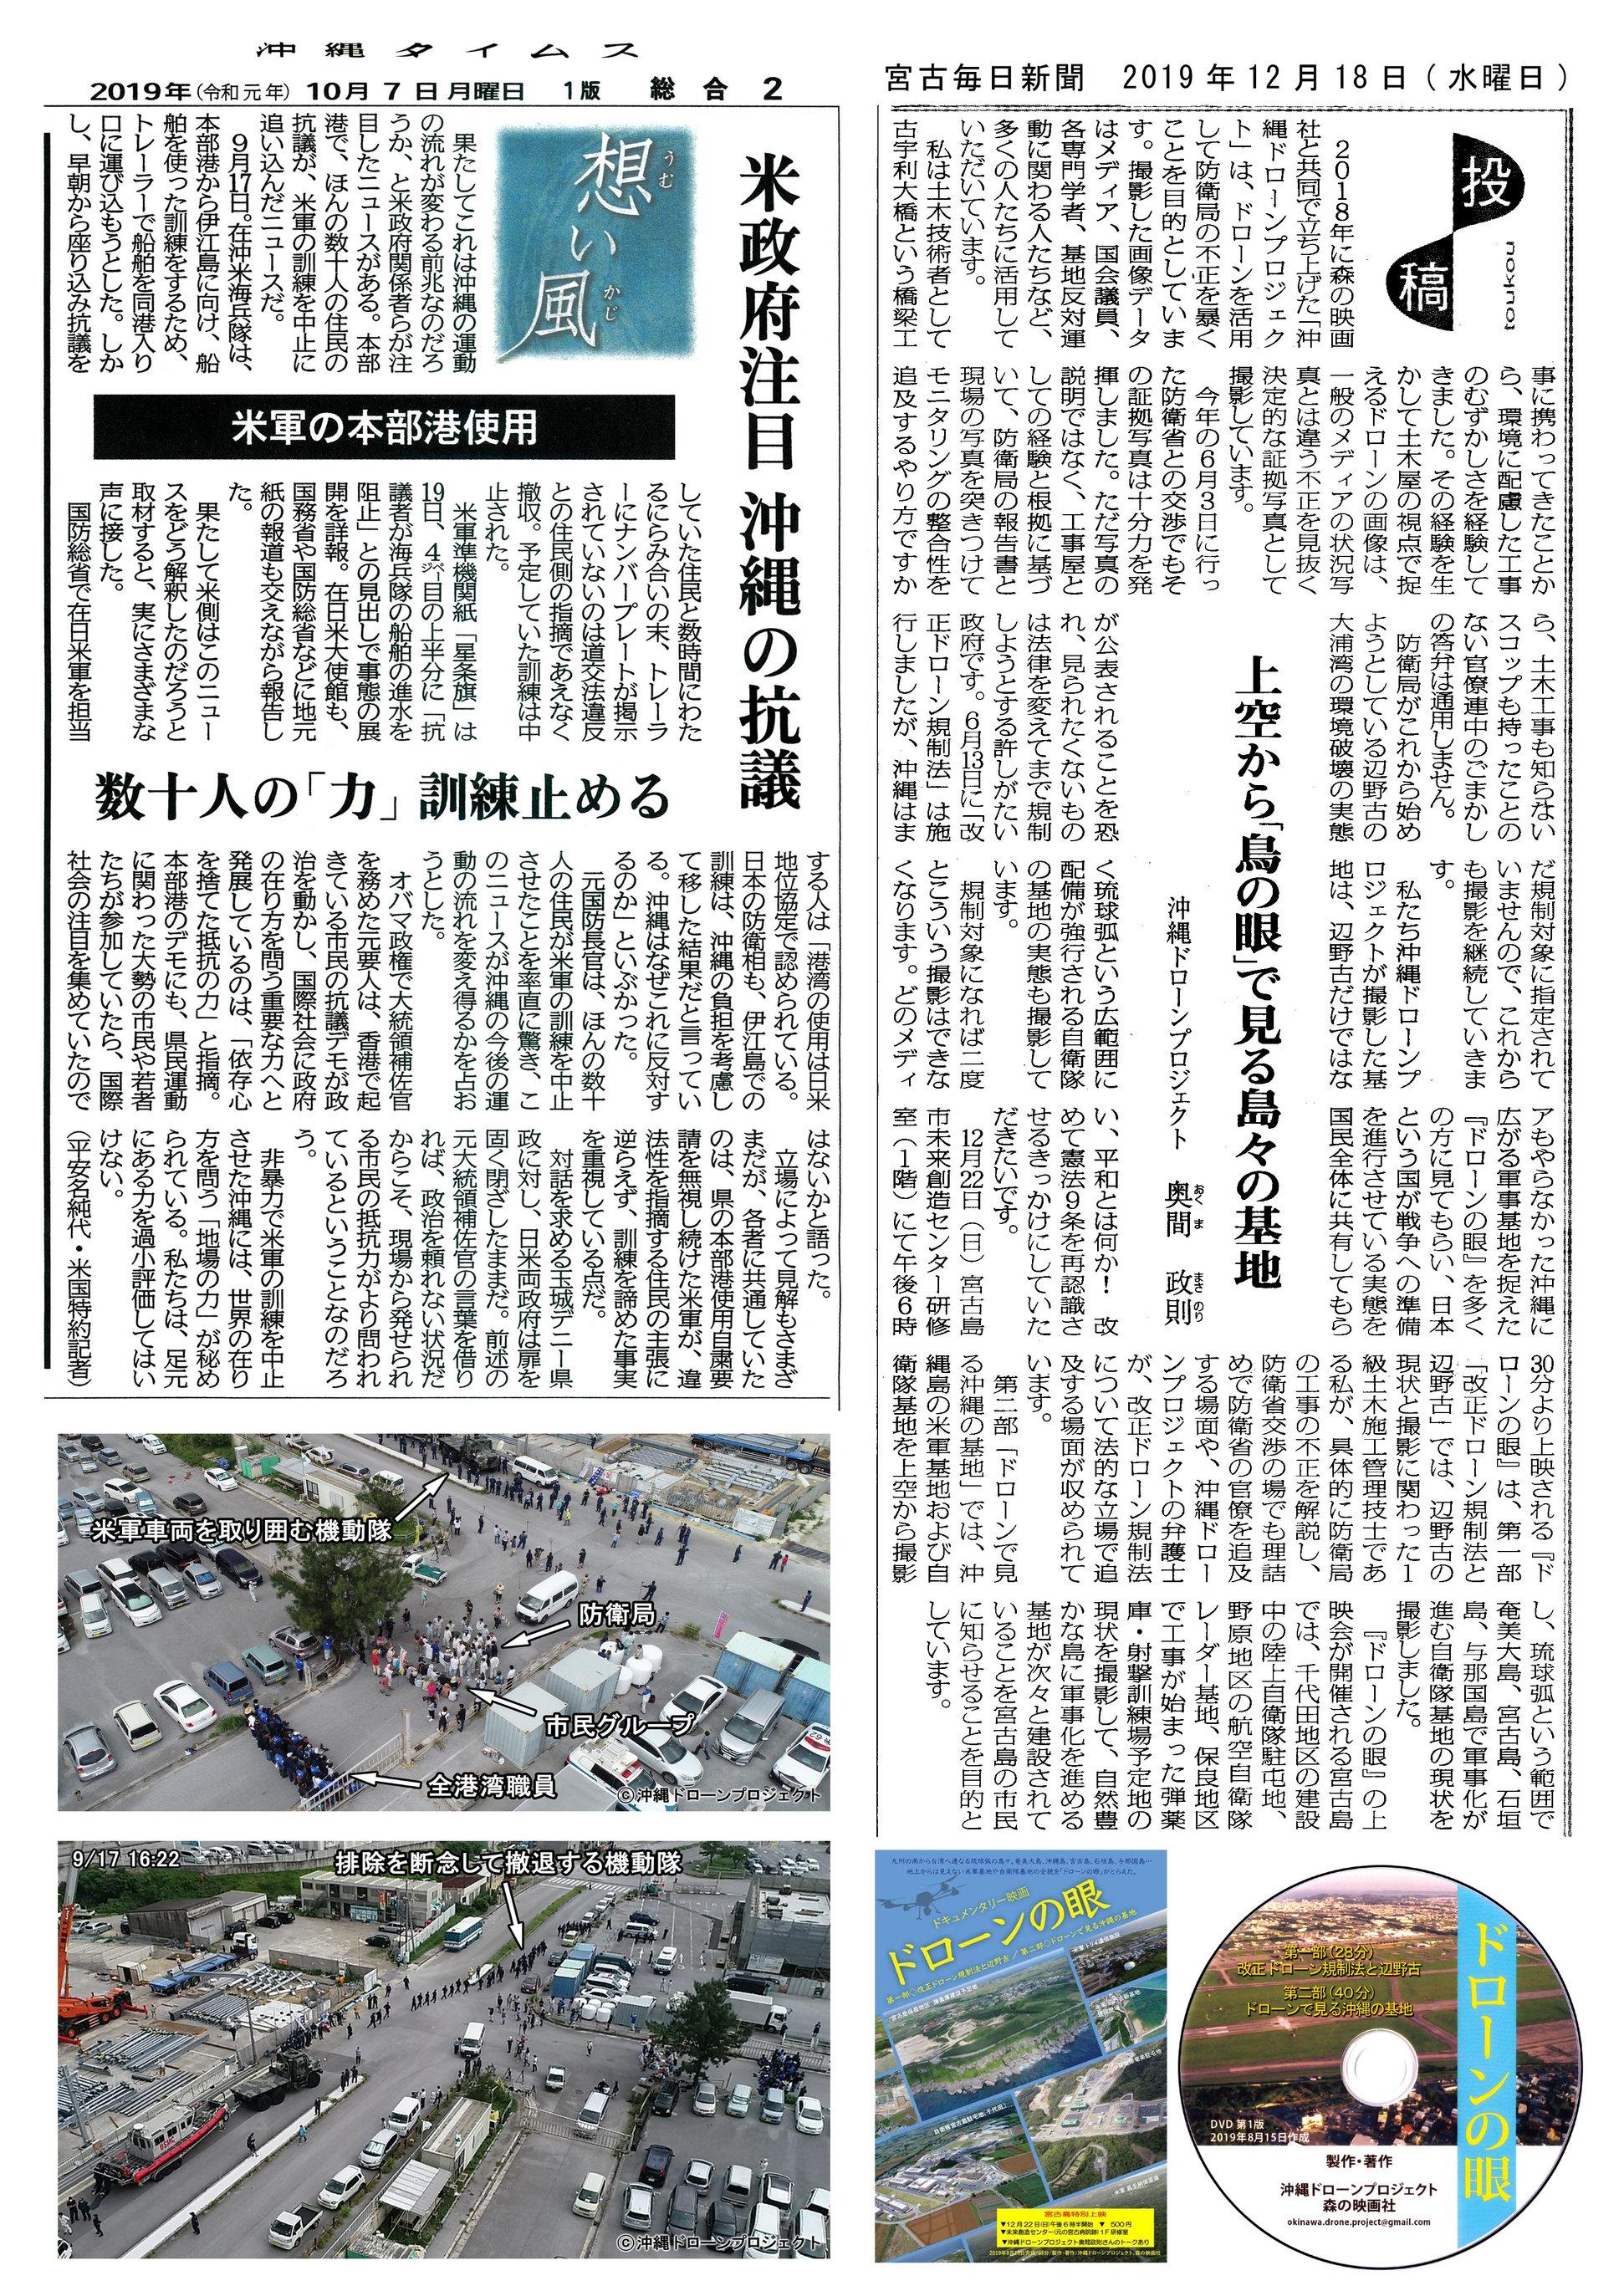 宮古毎日新聞・沖縄タイムス